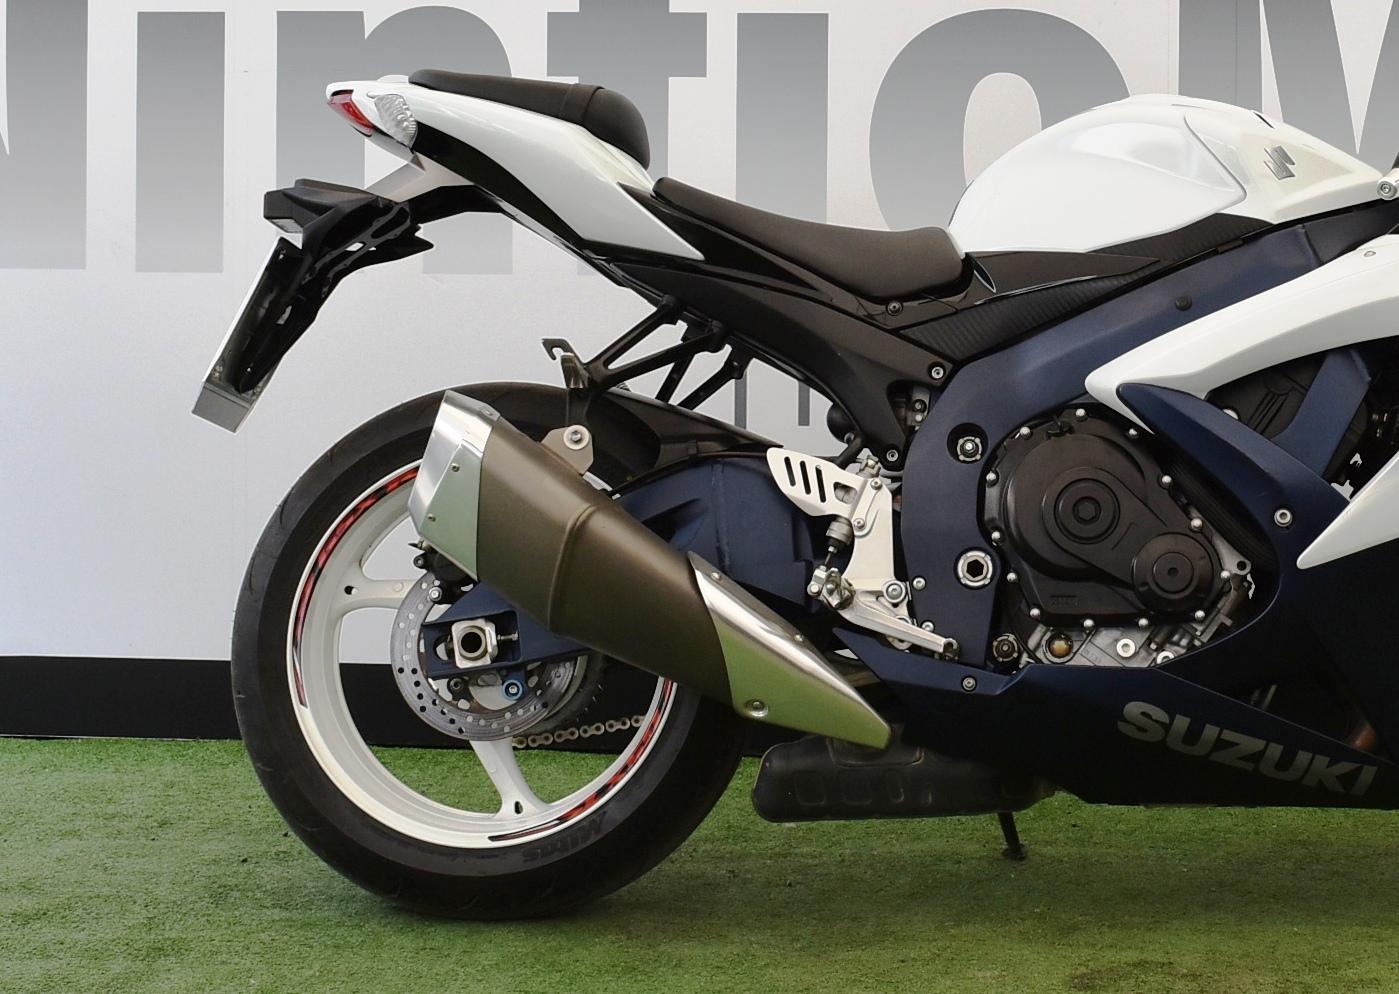 SUZUKI GSX R 600 – 2010